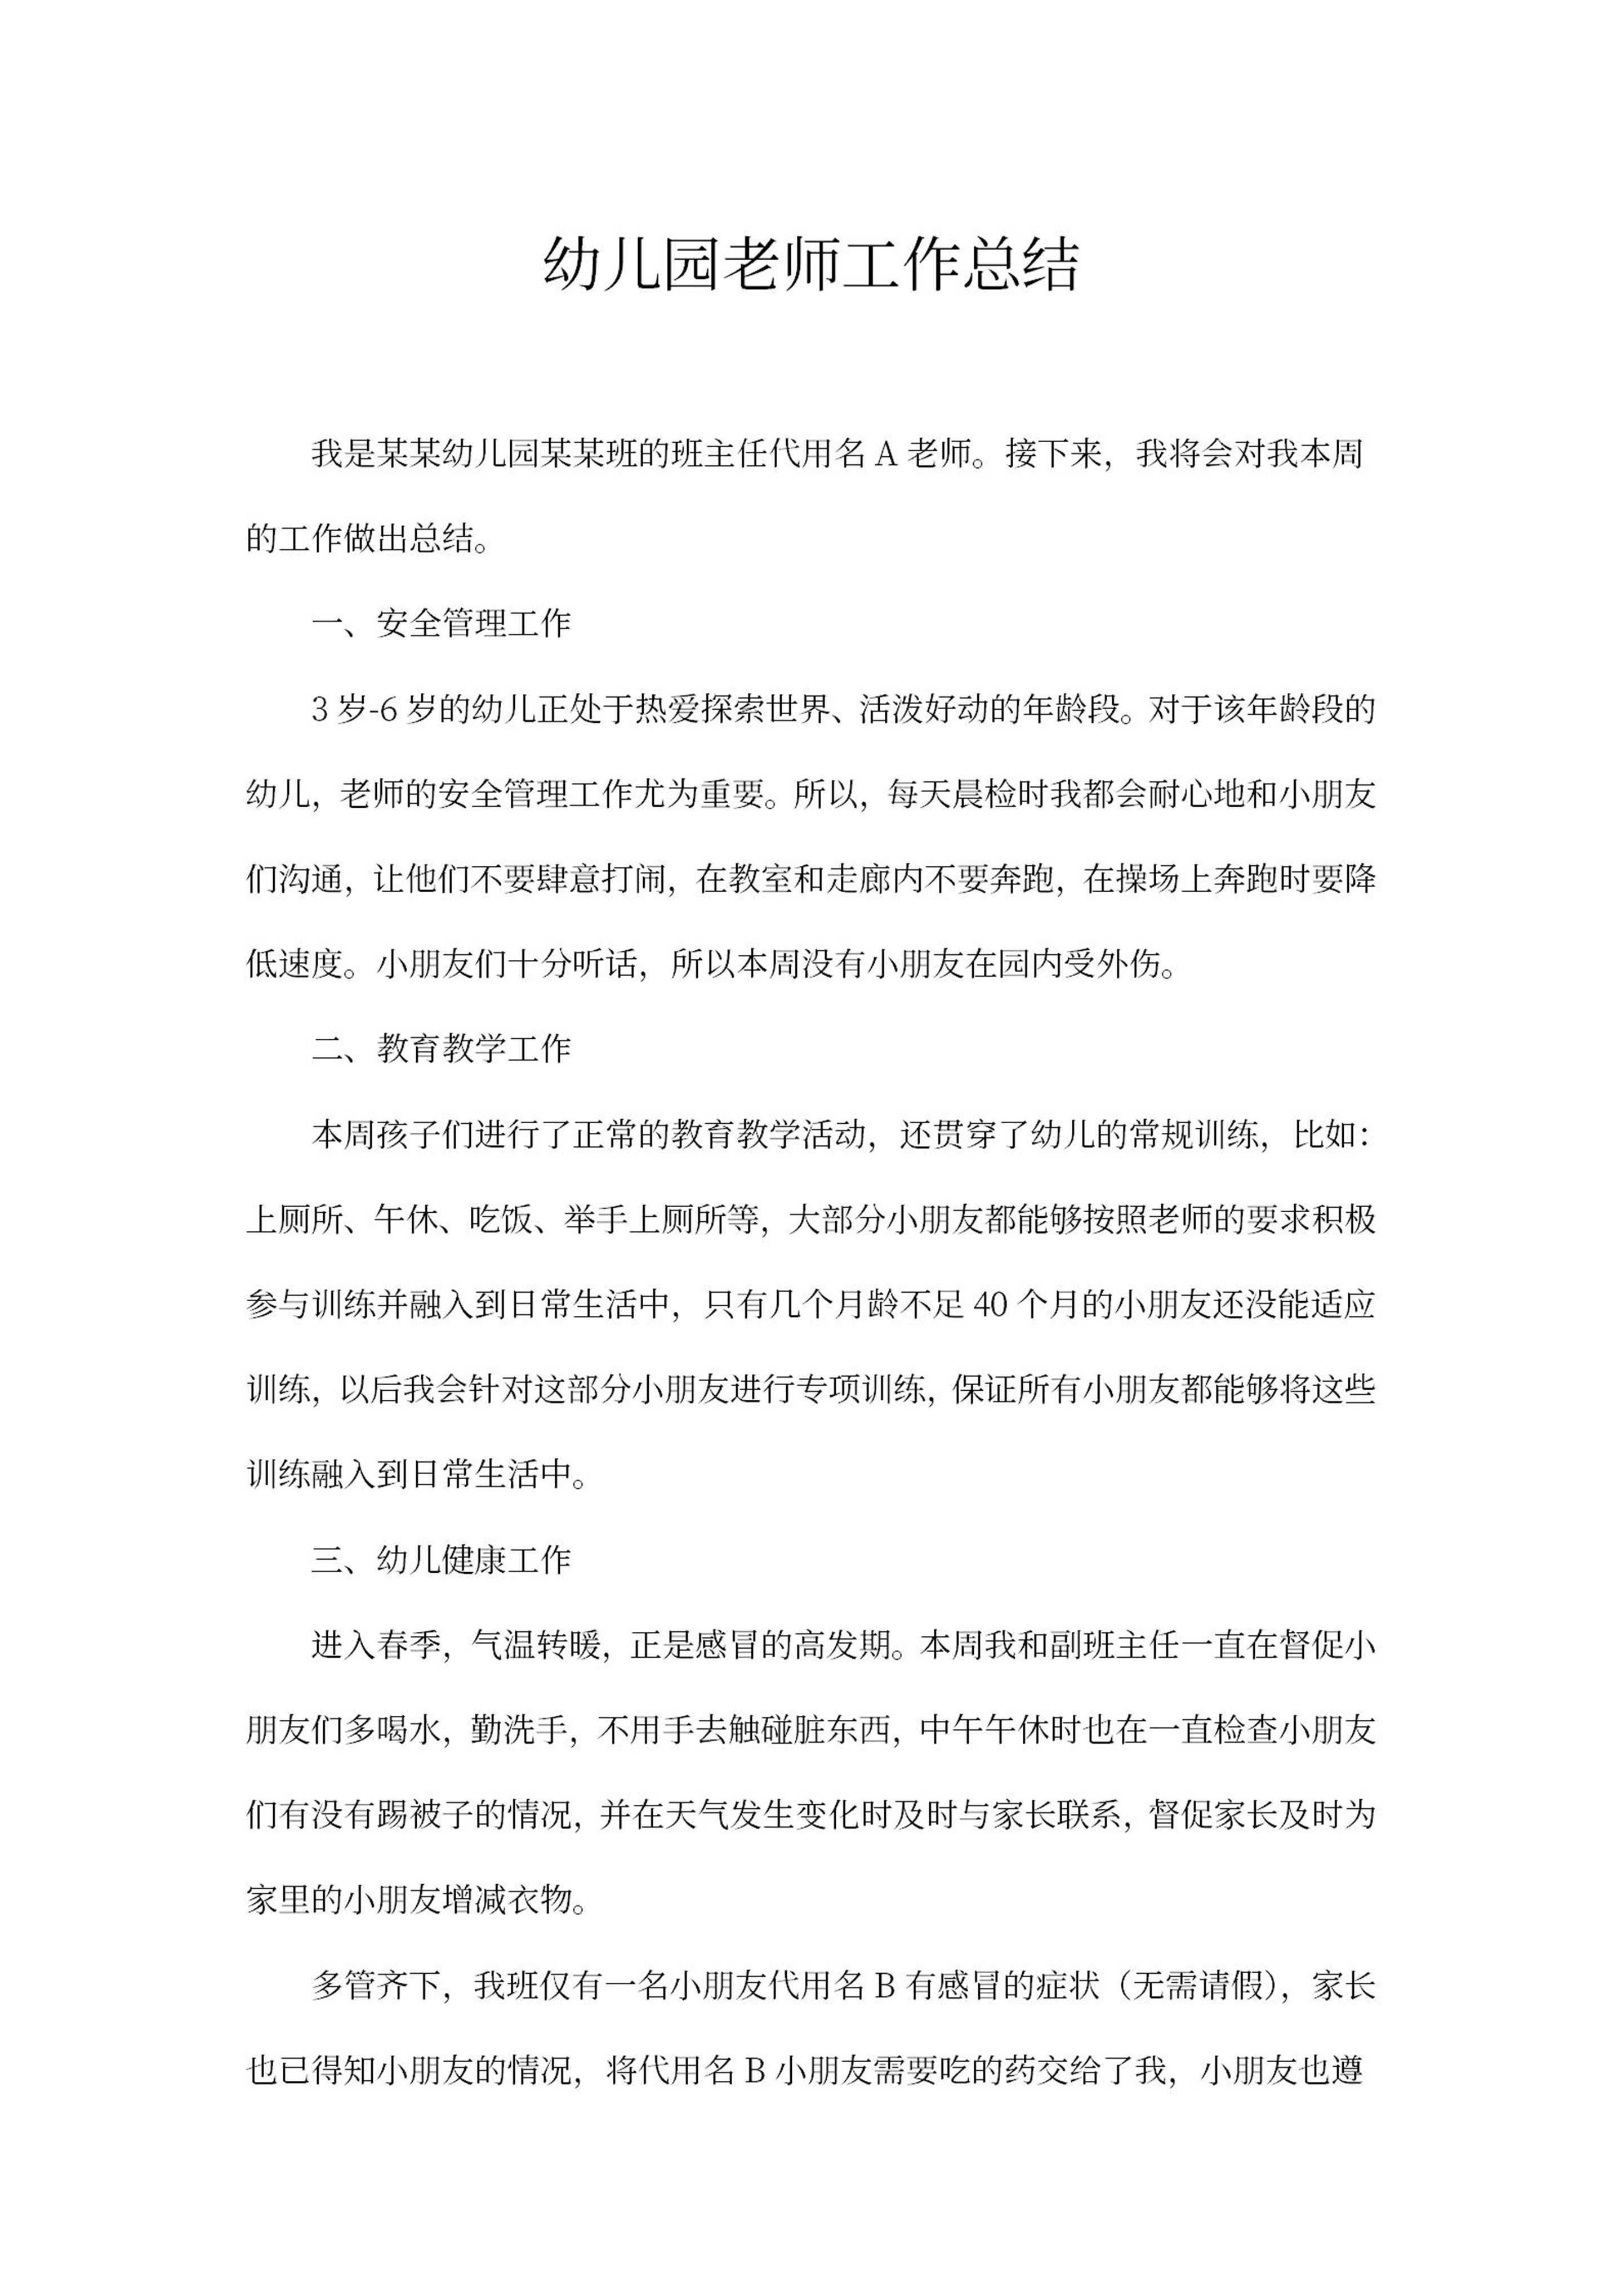 幼师工作总结word模板